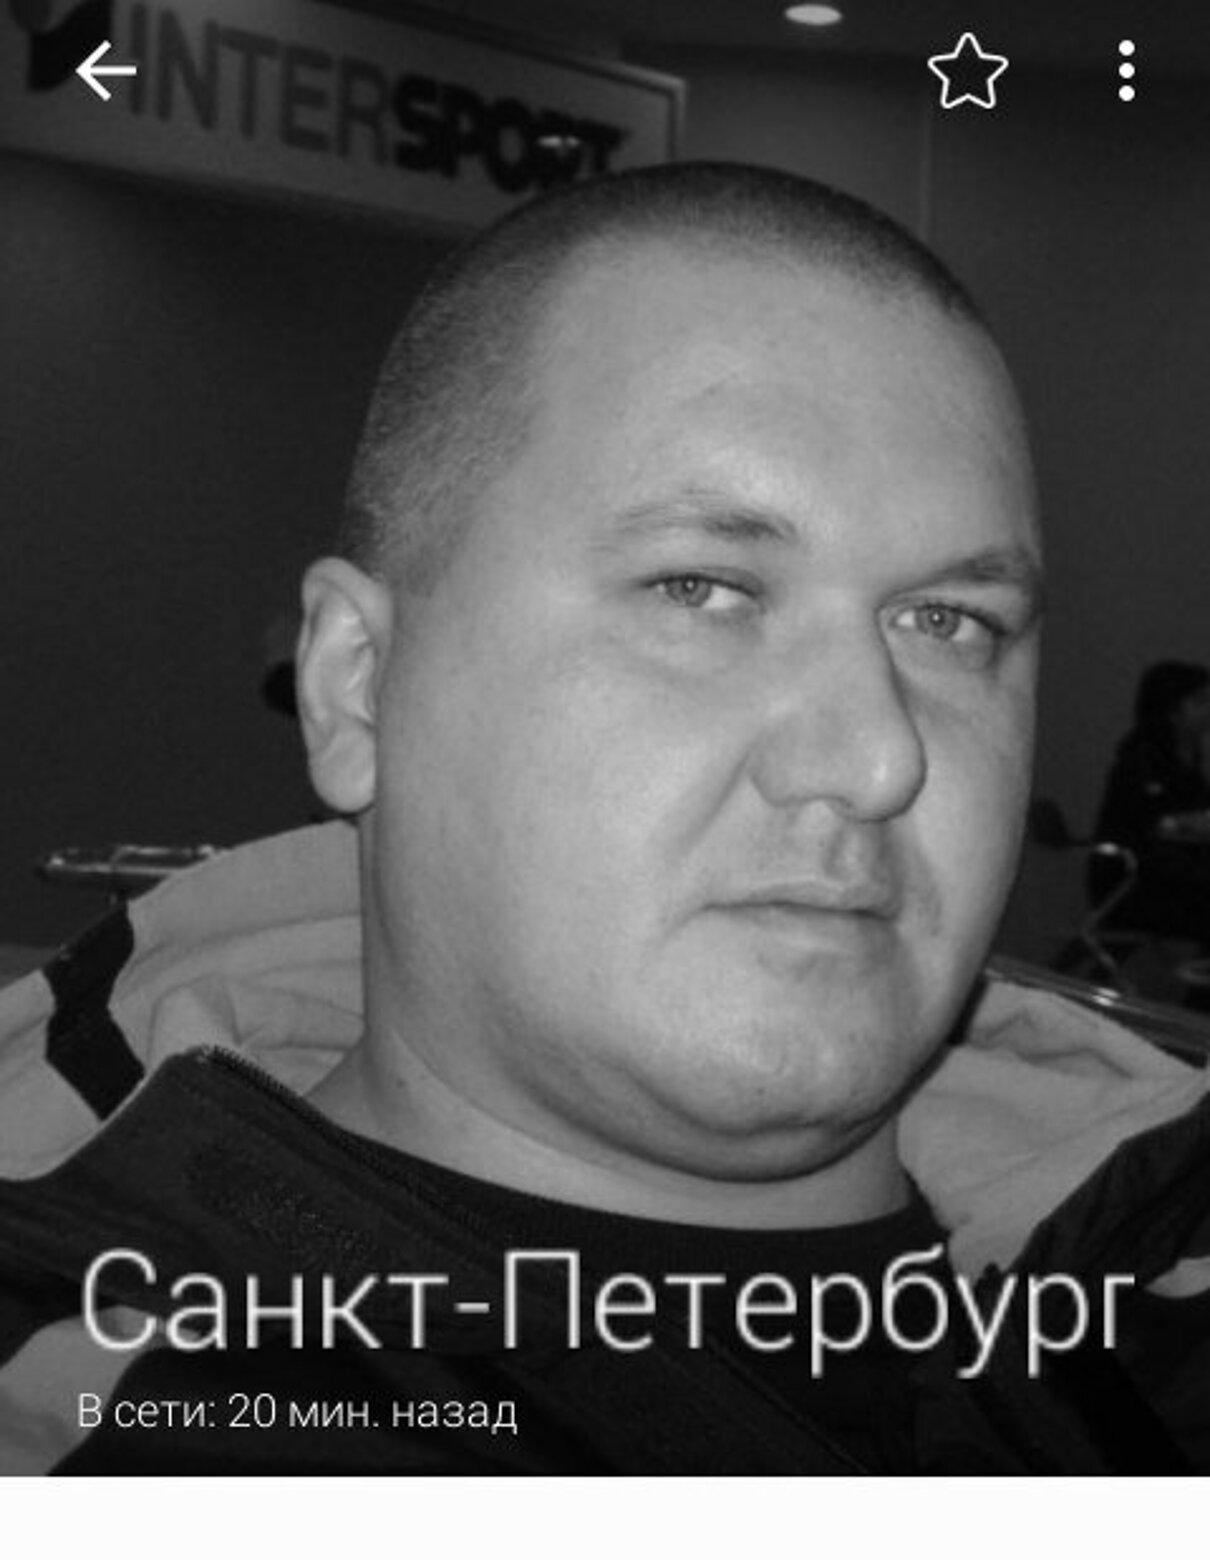 Жалоба-отзыв: Рахманкулов Алимжан (Олег) 43года - Г.Чита Альфонс, аферист и патологический врун.  Фото №3